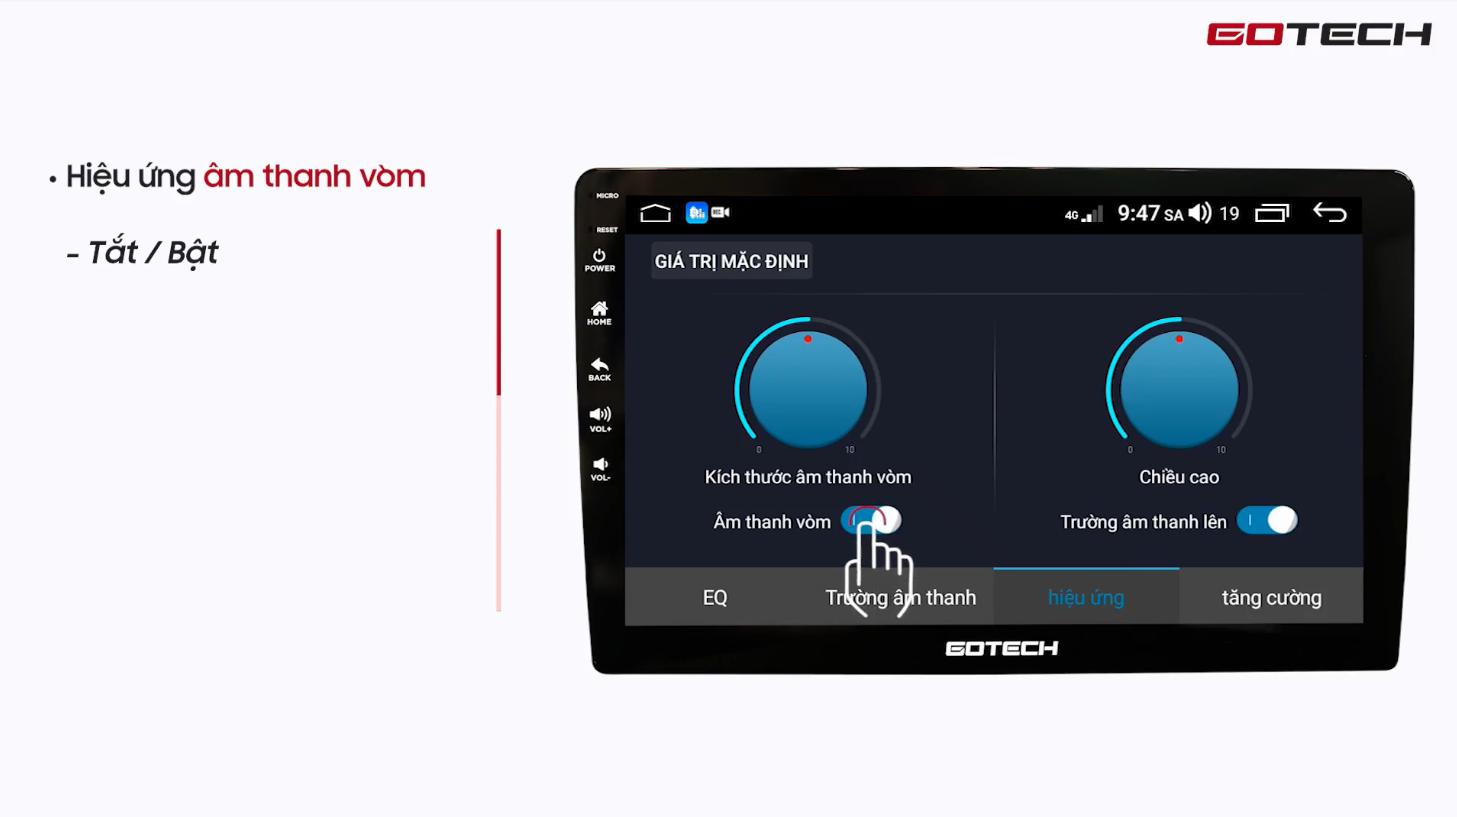 Hướng dẫn hiệu chỉnh Equalizer trên màn hình Gotech